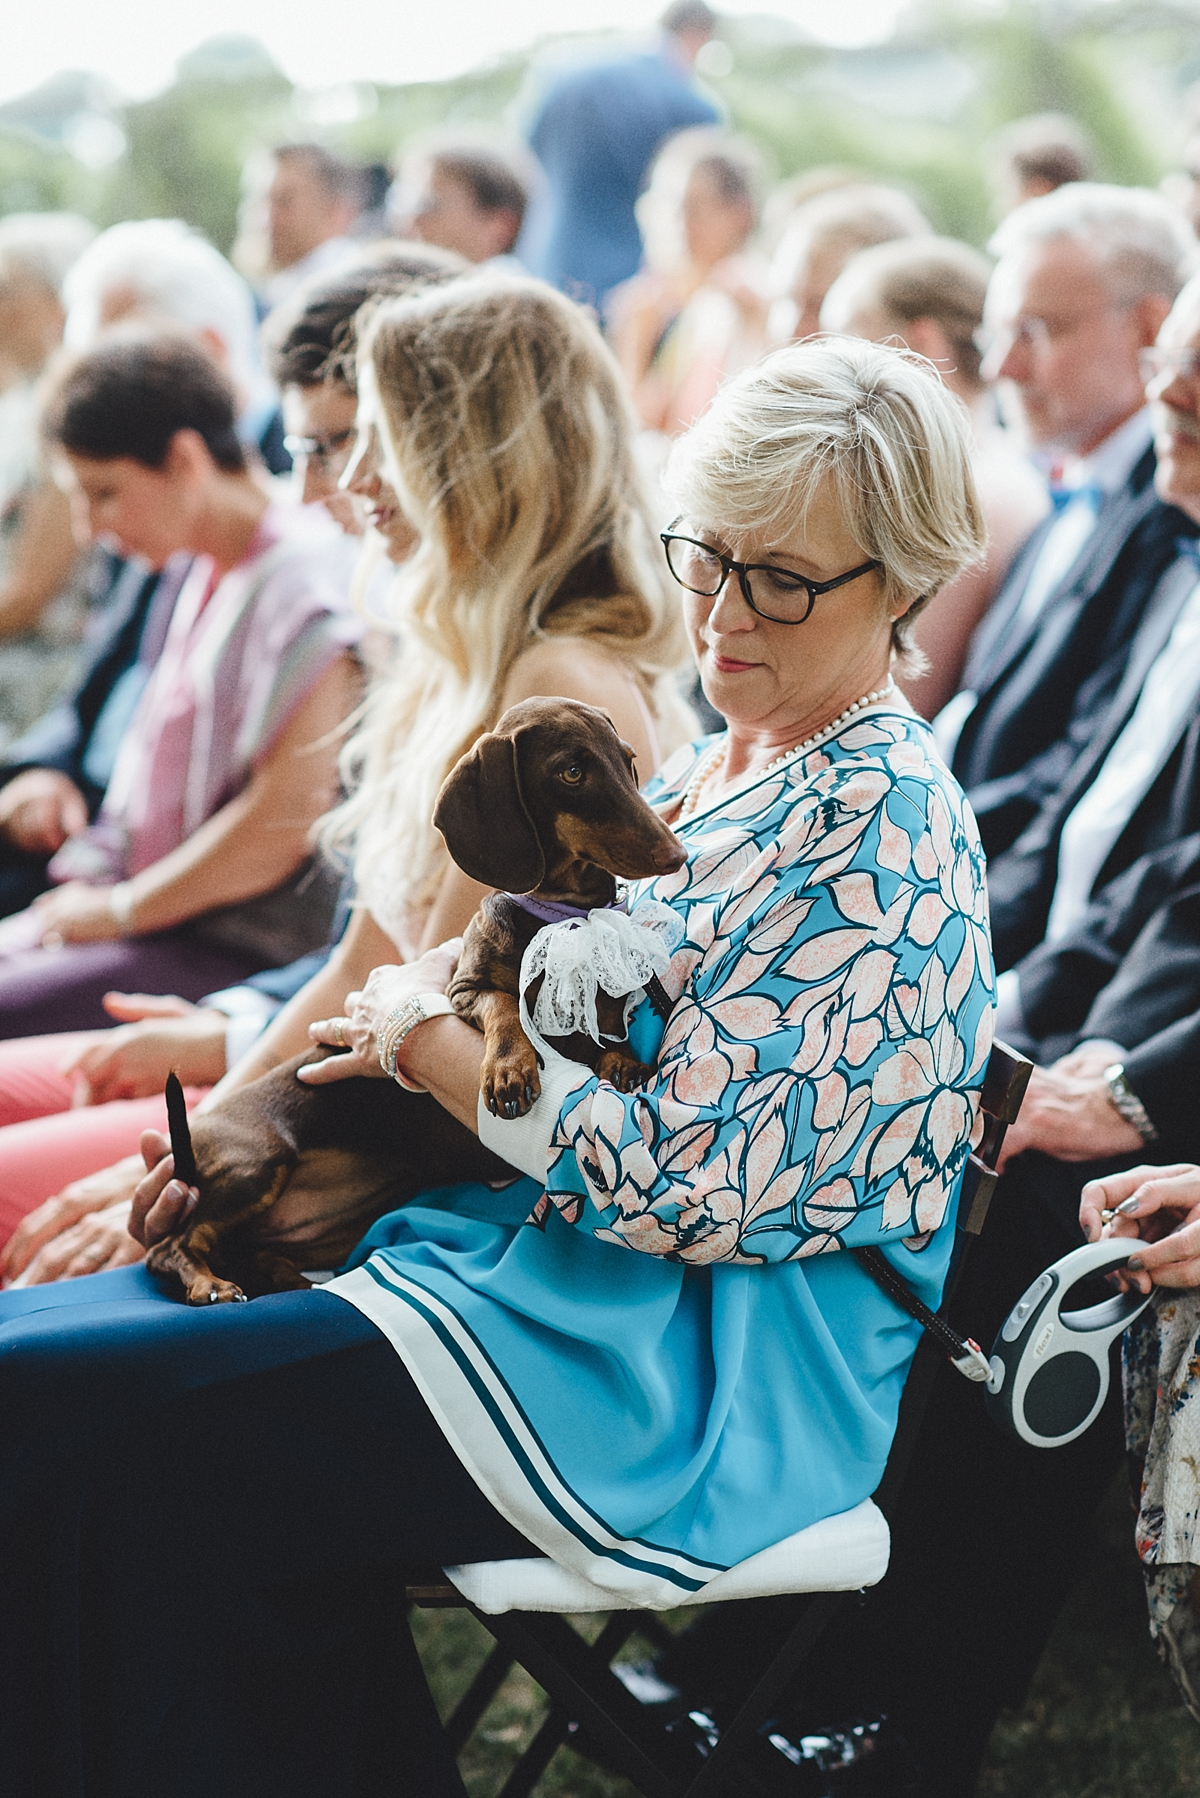 hochzeitsfotograf toskana Kristina & Daniel Mediterrane Toskana Hochzeithochzeitsfotograf toskana italien 2140